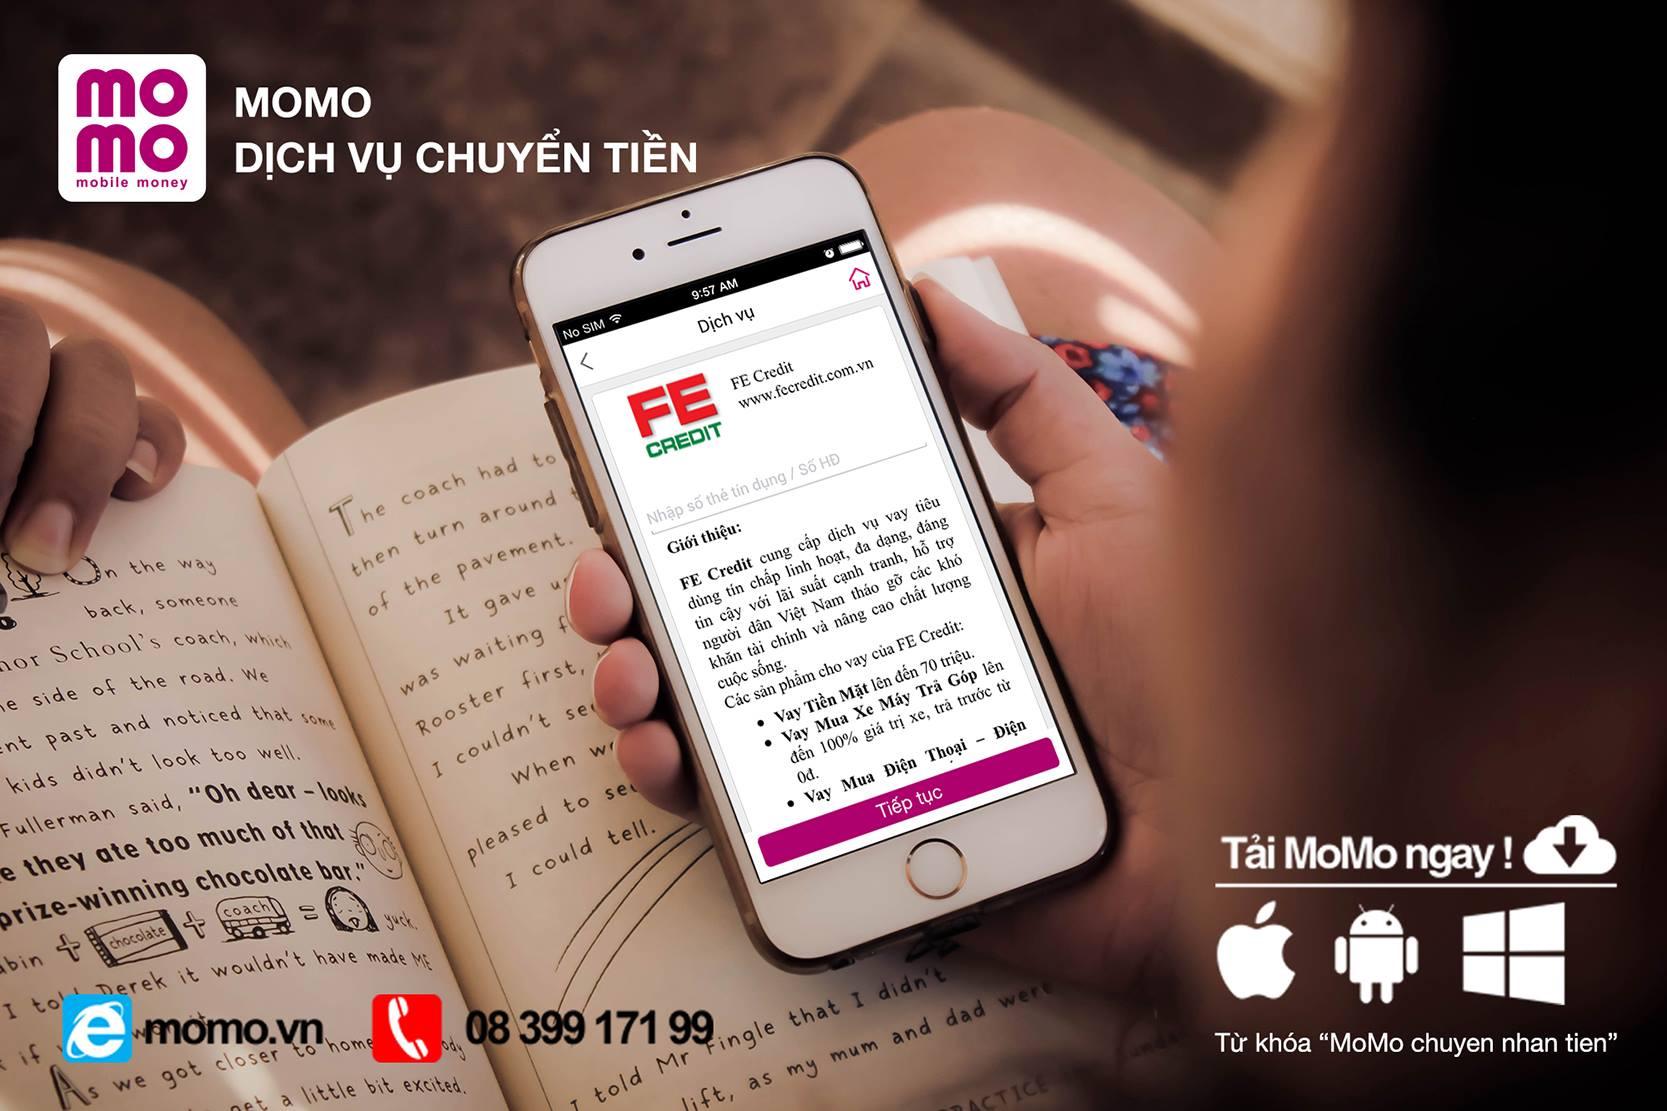 FE Credit hợp tác với MoMo triển khai kênh thanh toán mới phục vụ khách hàng